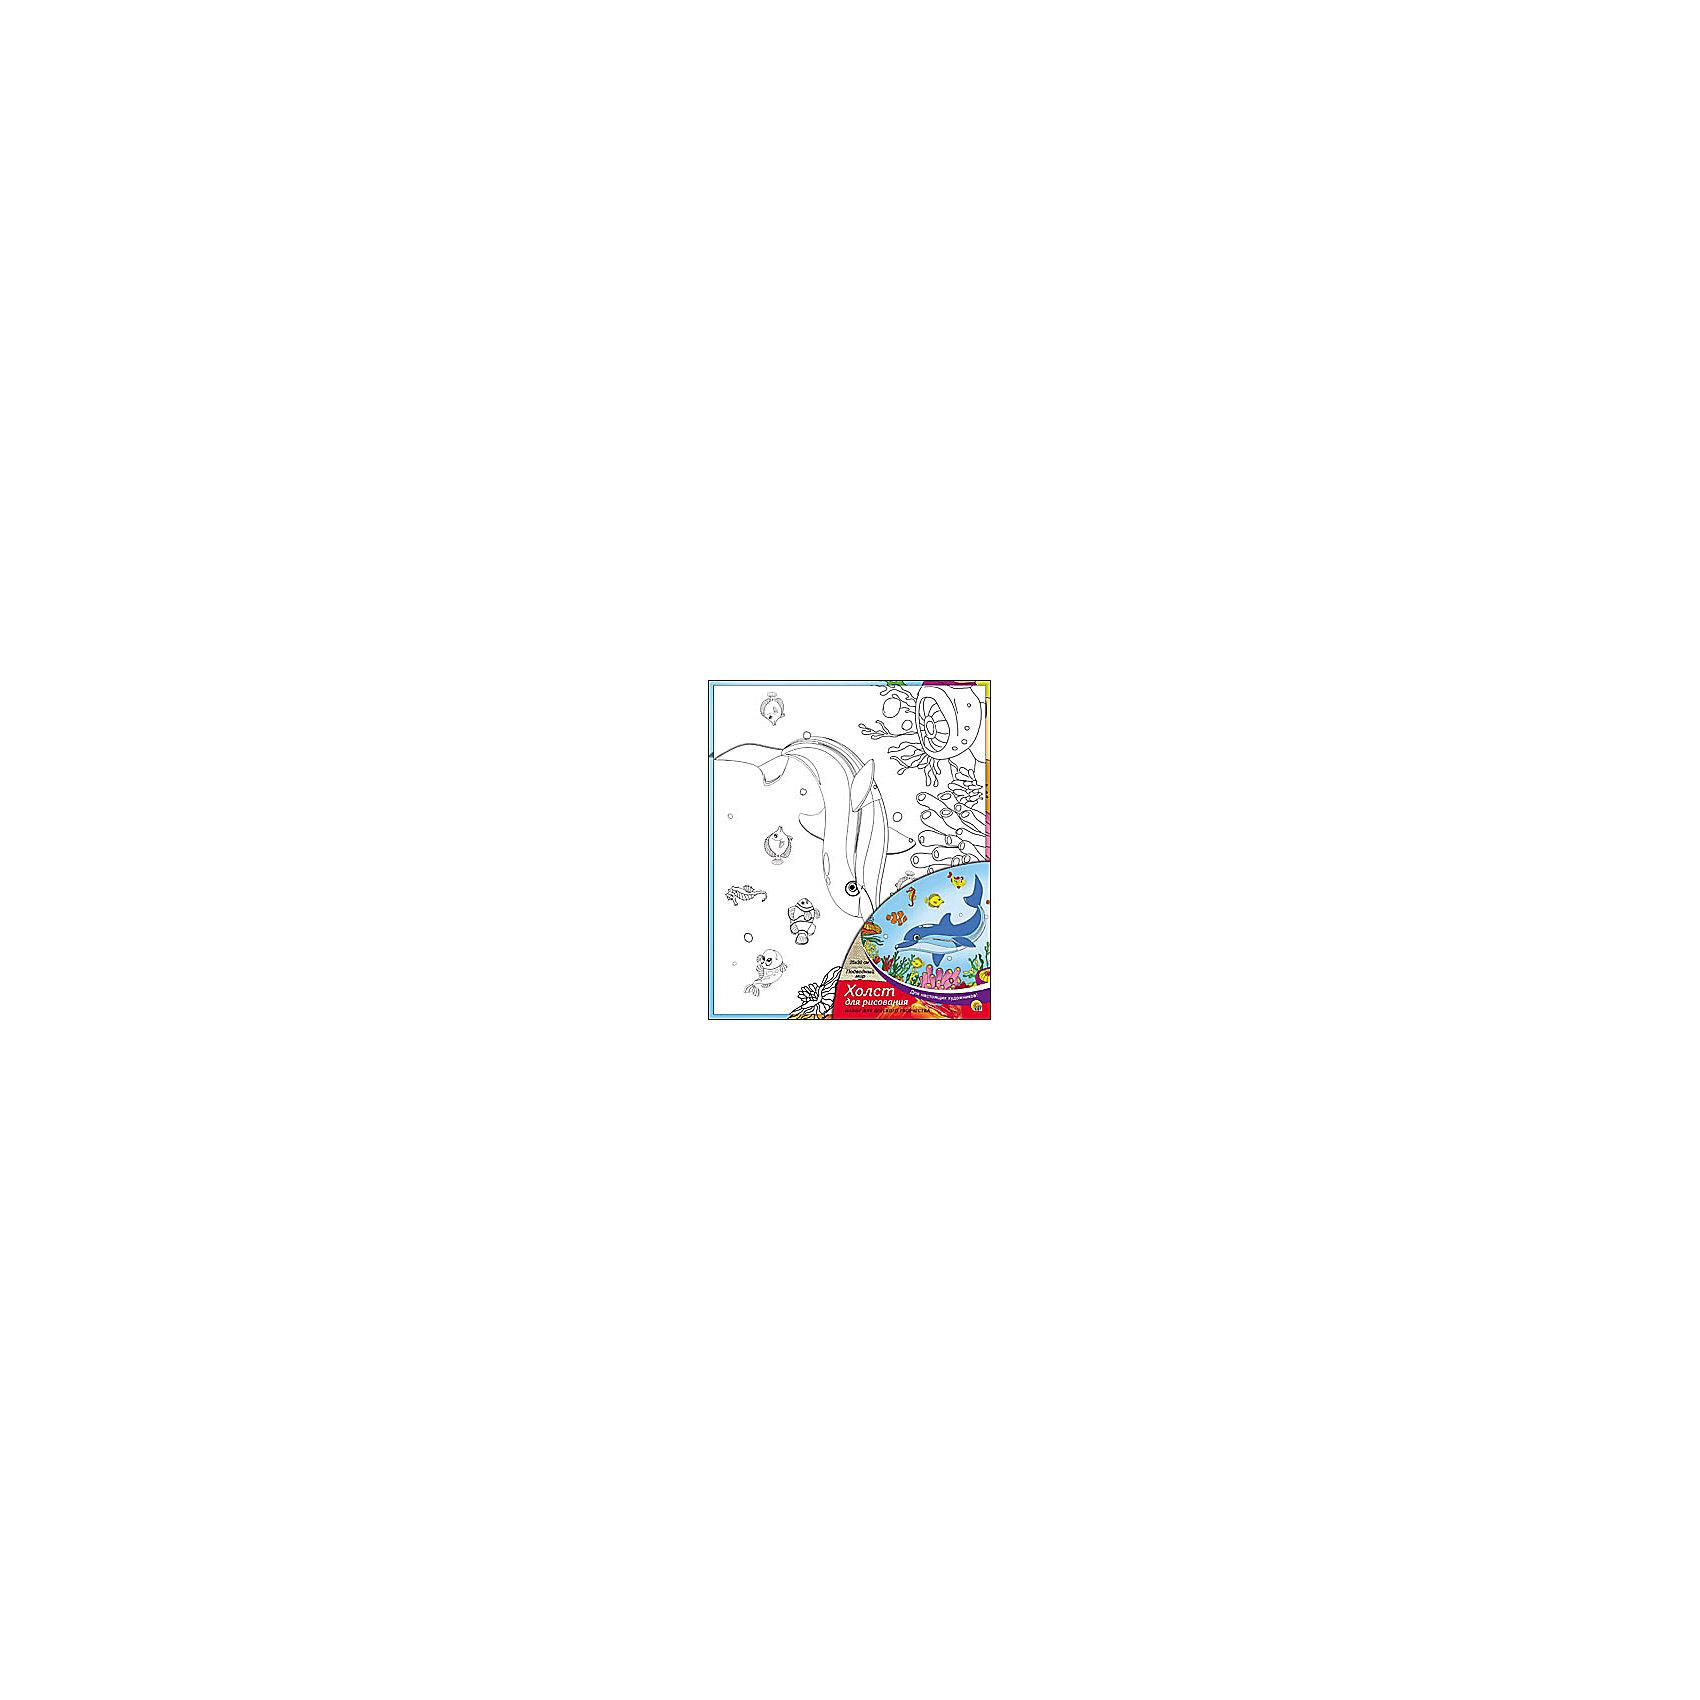 Холст с красками Подводный мир, 25х30 смРисование<br>Холст с красками Подводный мир поможет ребенку провести время с пользой и развить художественные навыки. Яркими красками он с удовольствием раскрасит эскиз на холсте и с гордостью сможет похвастаться родителям и друзьям!<br><br>Дополнительная информация:<br>В наборе: холст-эскиз, 7 акриловых красок, кисточка<br>Размер: 25х1,5х30 см<br>Вес: 250 грамм<br>Вы можете приобрести холст с красками Подводный мир в нашем интернет-магазине.<br><br>Ширина мм: 300<br>Глубина мм: 15<br>Высота мм: 250<br>Вес г: 250<br>Возраст от месяцев: 36<br>Возраст до месяцев: 120<br>Пол: Унисекс<br>Возраст: Детский<br>SKU: 4939542